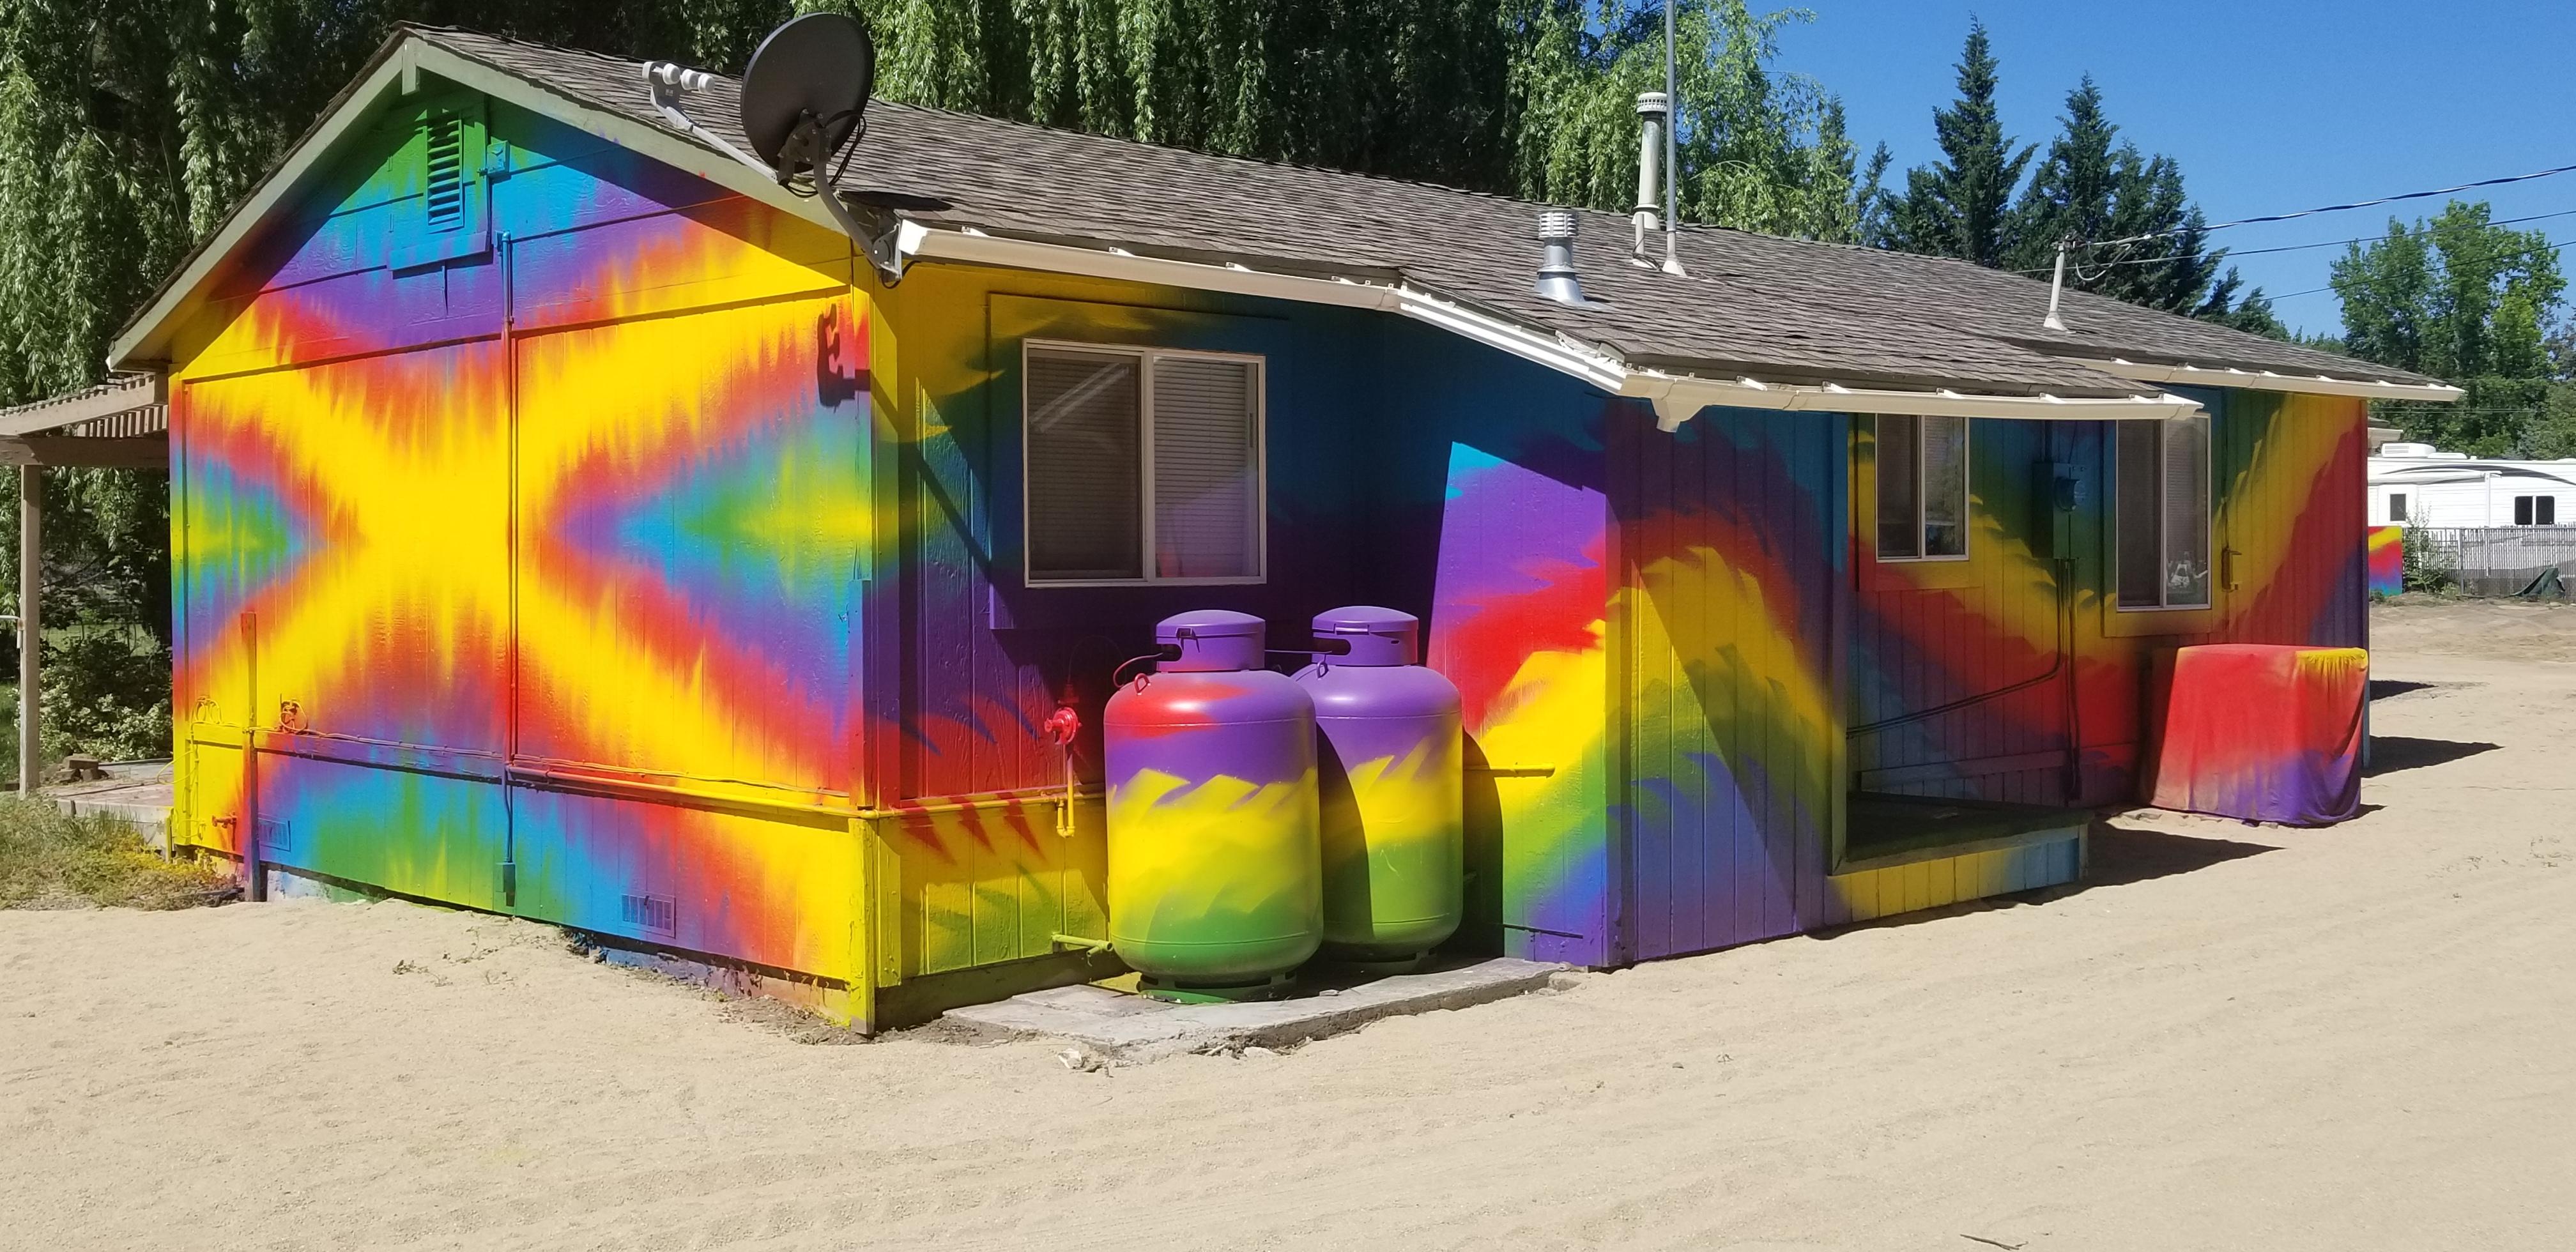 Stacie's Tie Dye House